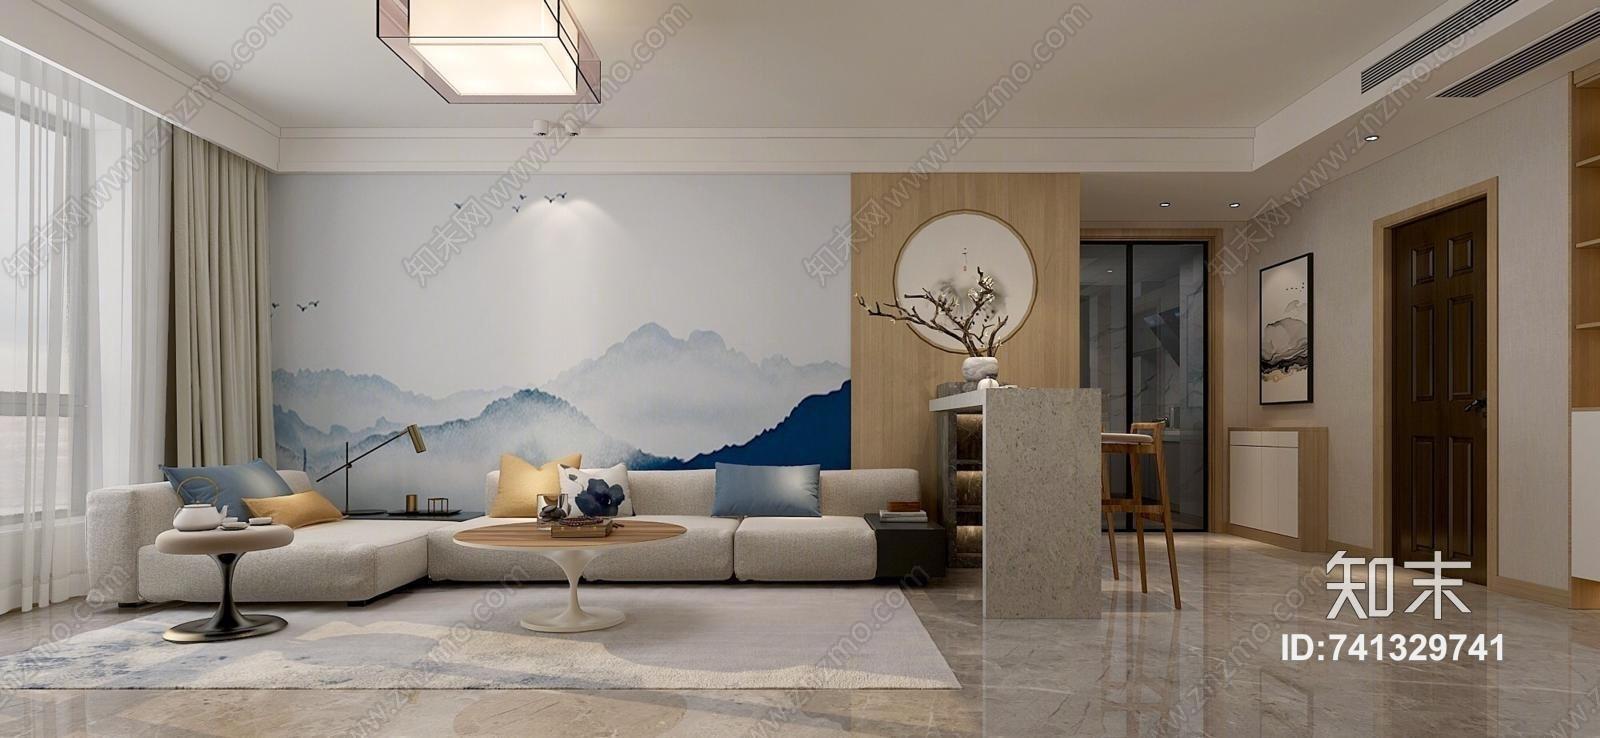 新中式客餐厅 山水壁画 吧台